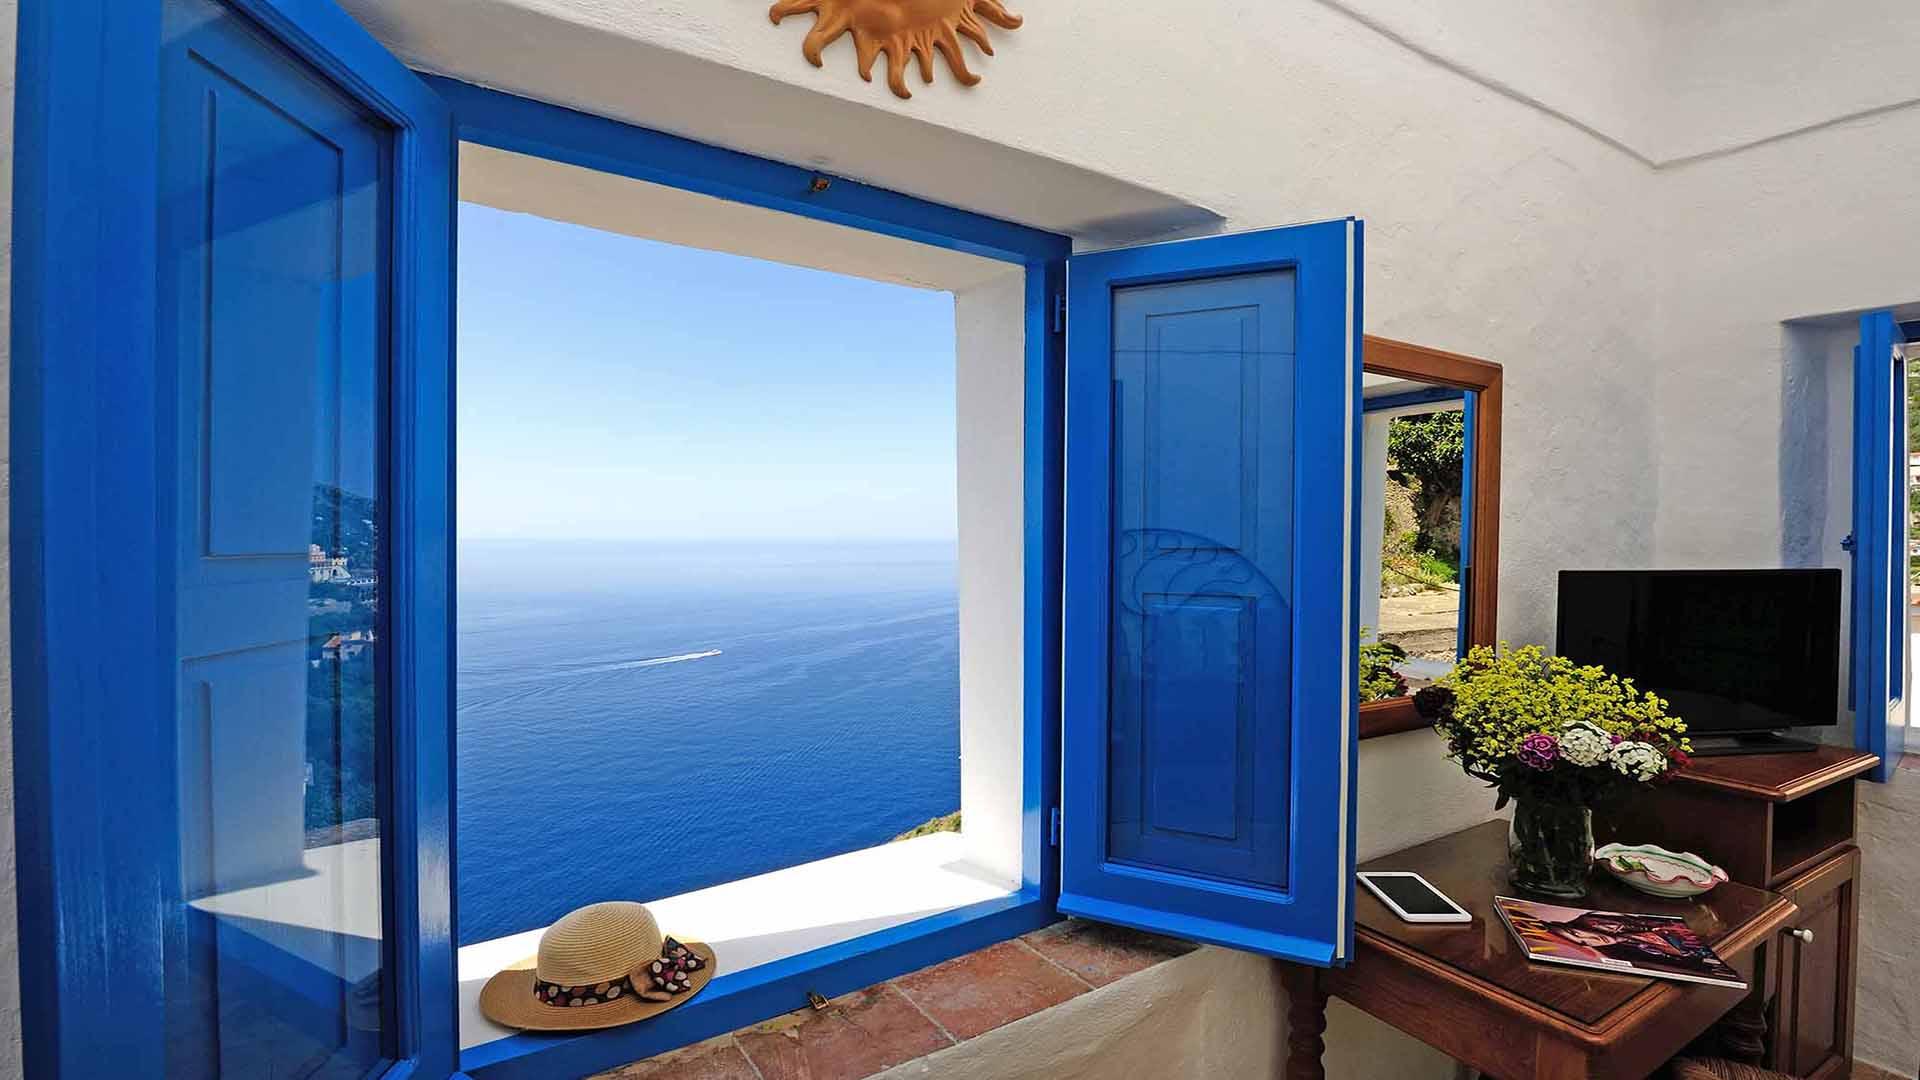 camera costiera amalfitana